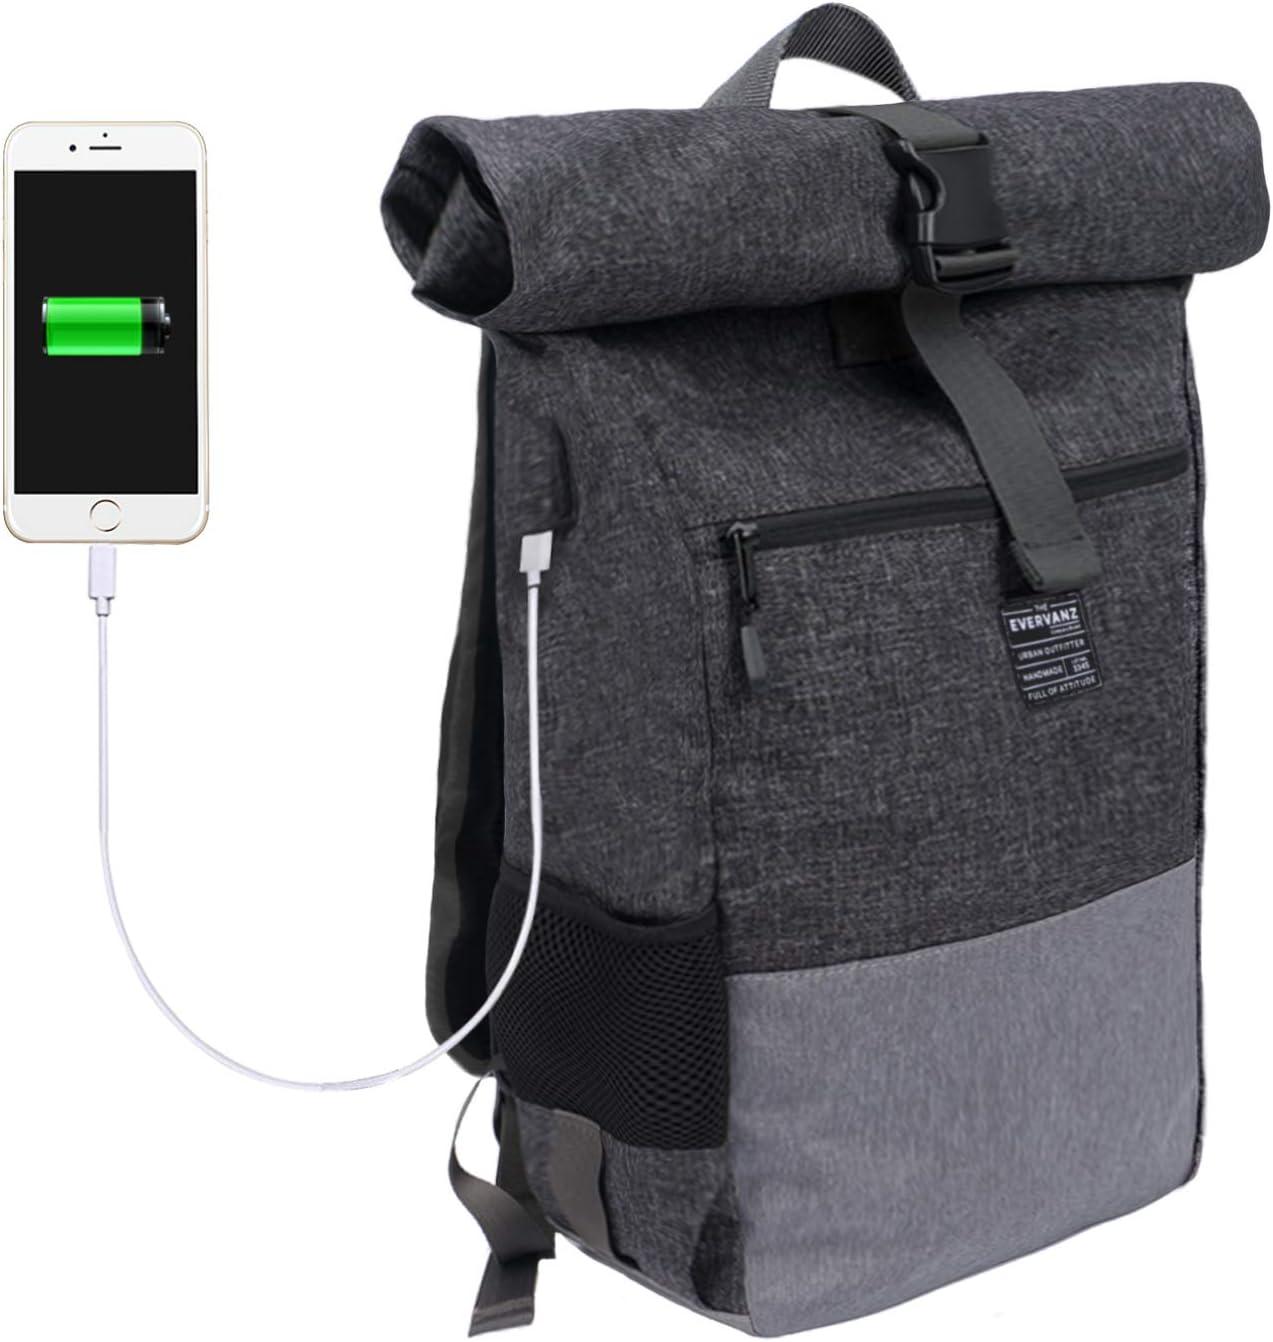 EverVanz Mochila para Laptop, Mujer & Hombre Enrollable Resistente al Agua, Viajes, Mochila para Excursiones, Mochila Casual Ligera, Bolsa con Estilo para la Escuela con Puerto de Carga para USB.